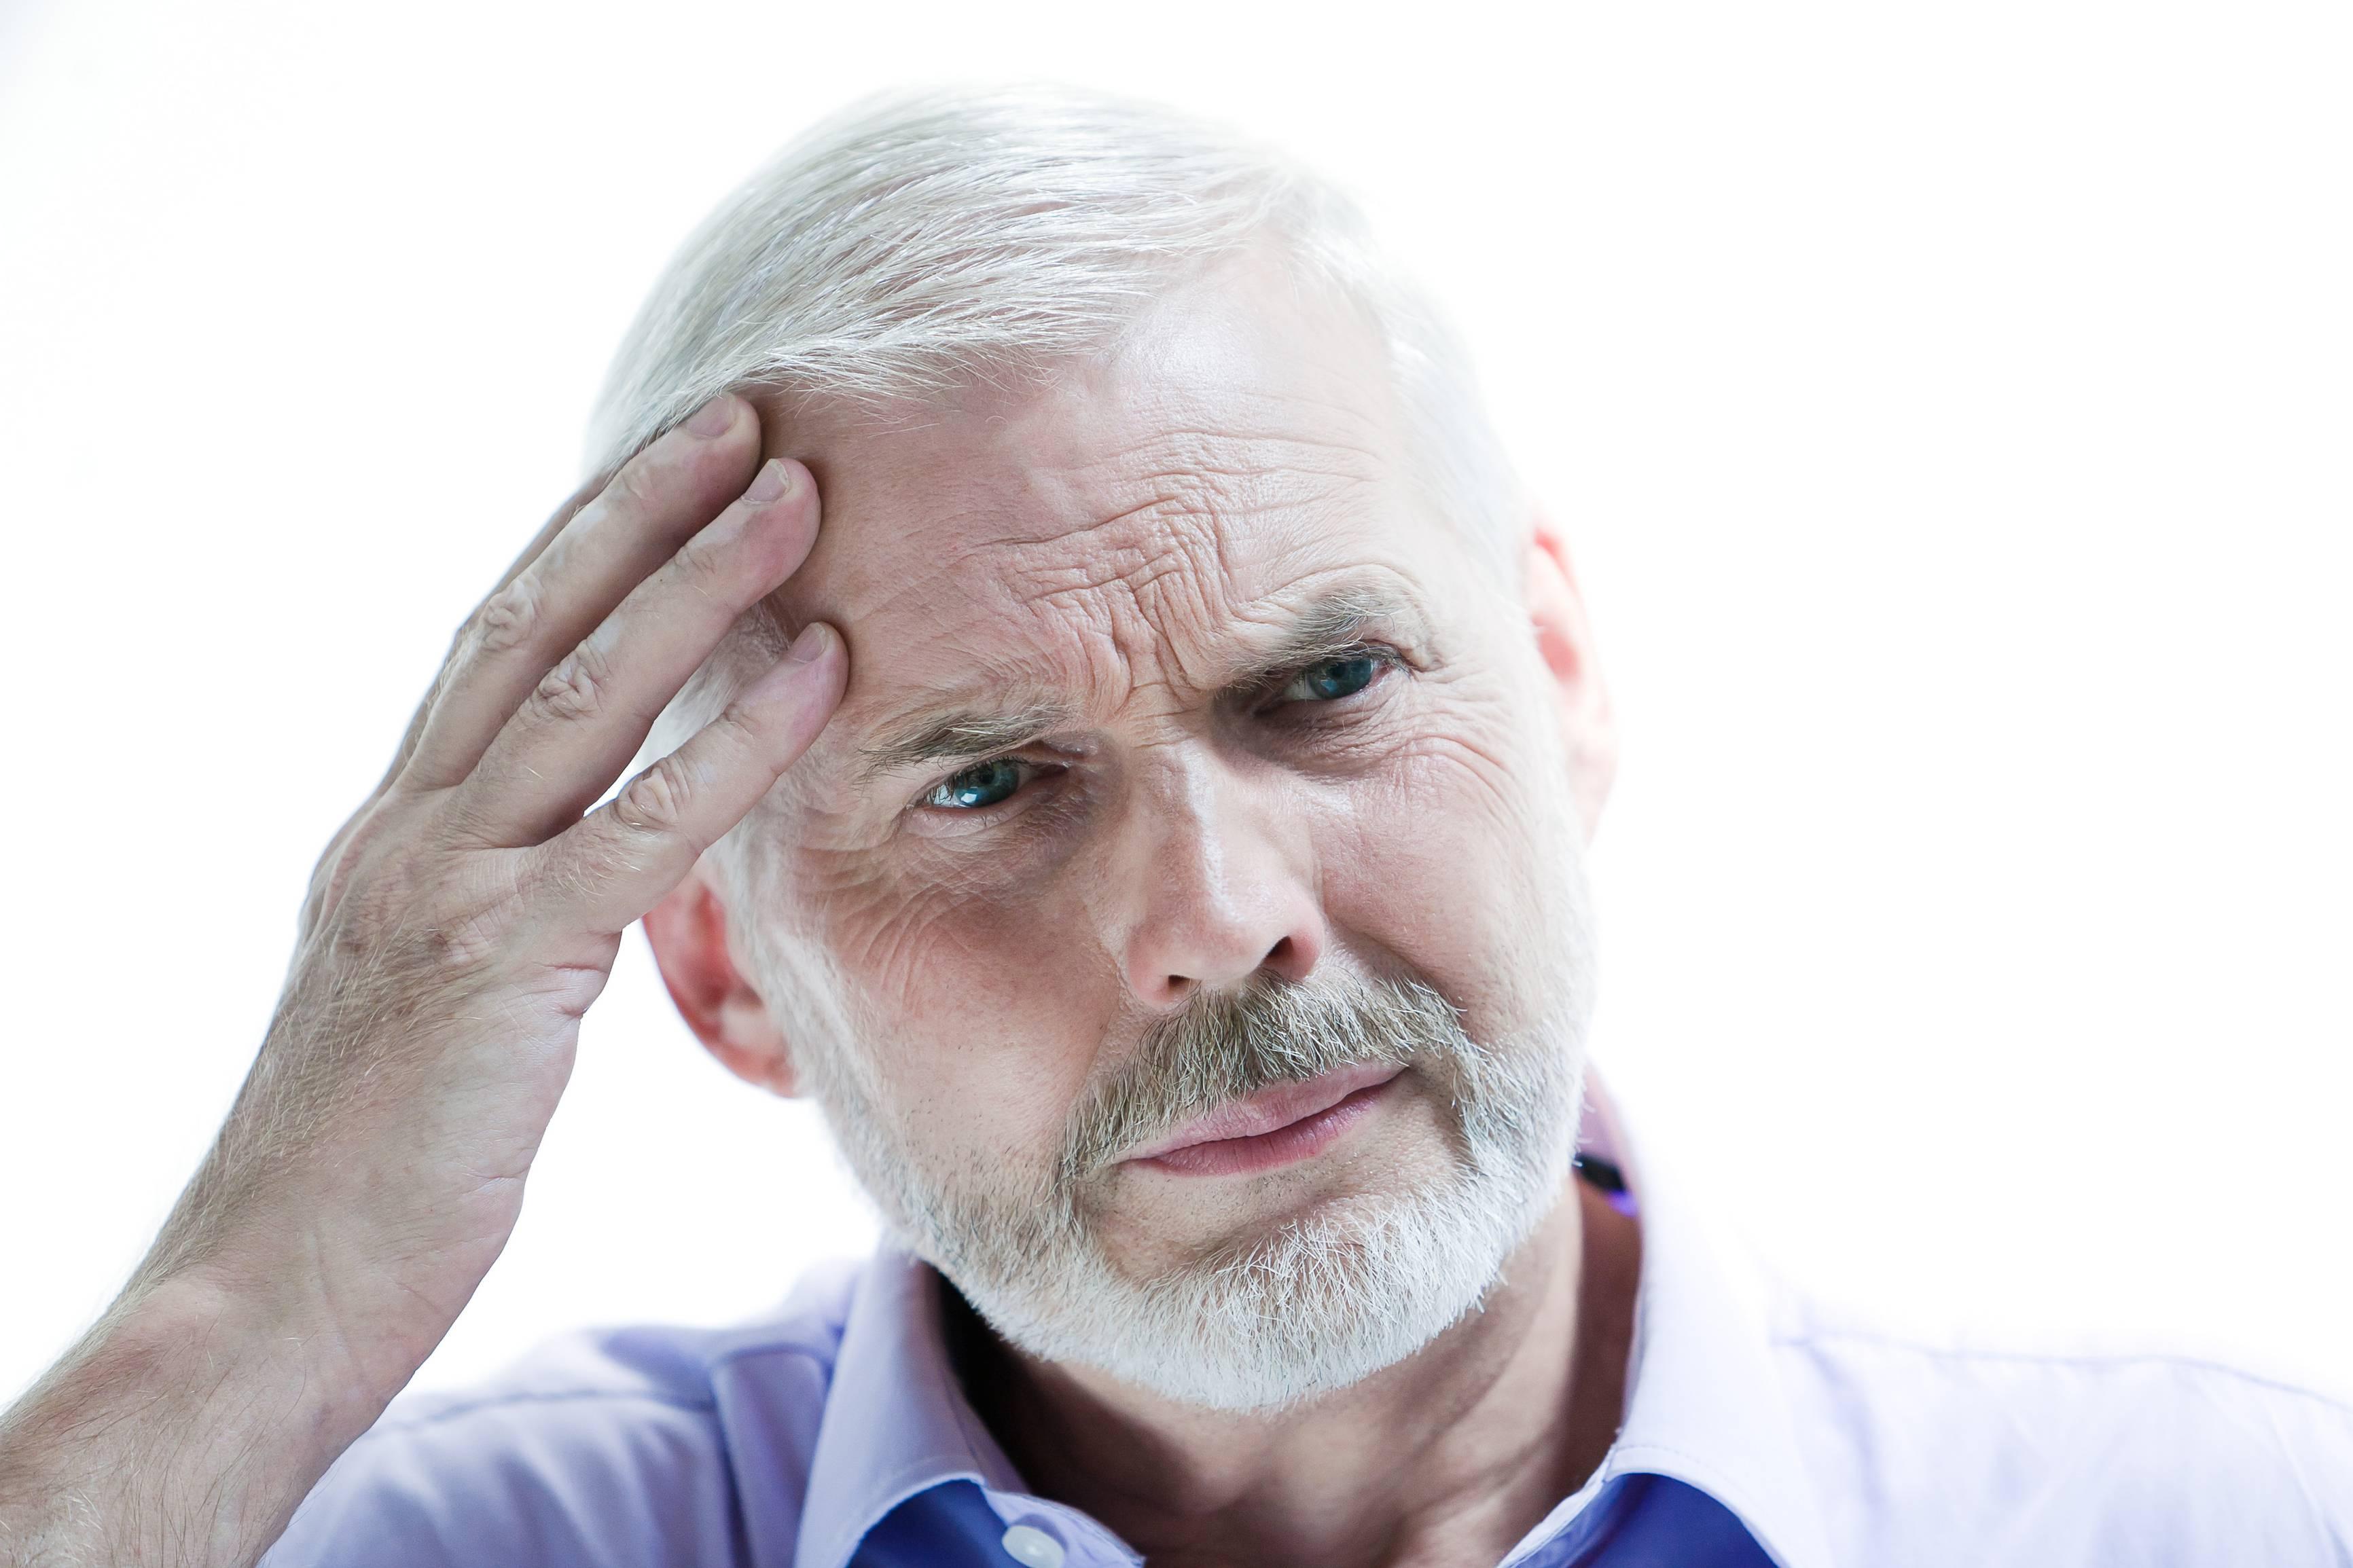 ارتباط ویژگیهای شخصیتی و علائم بیماری آلزایمر